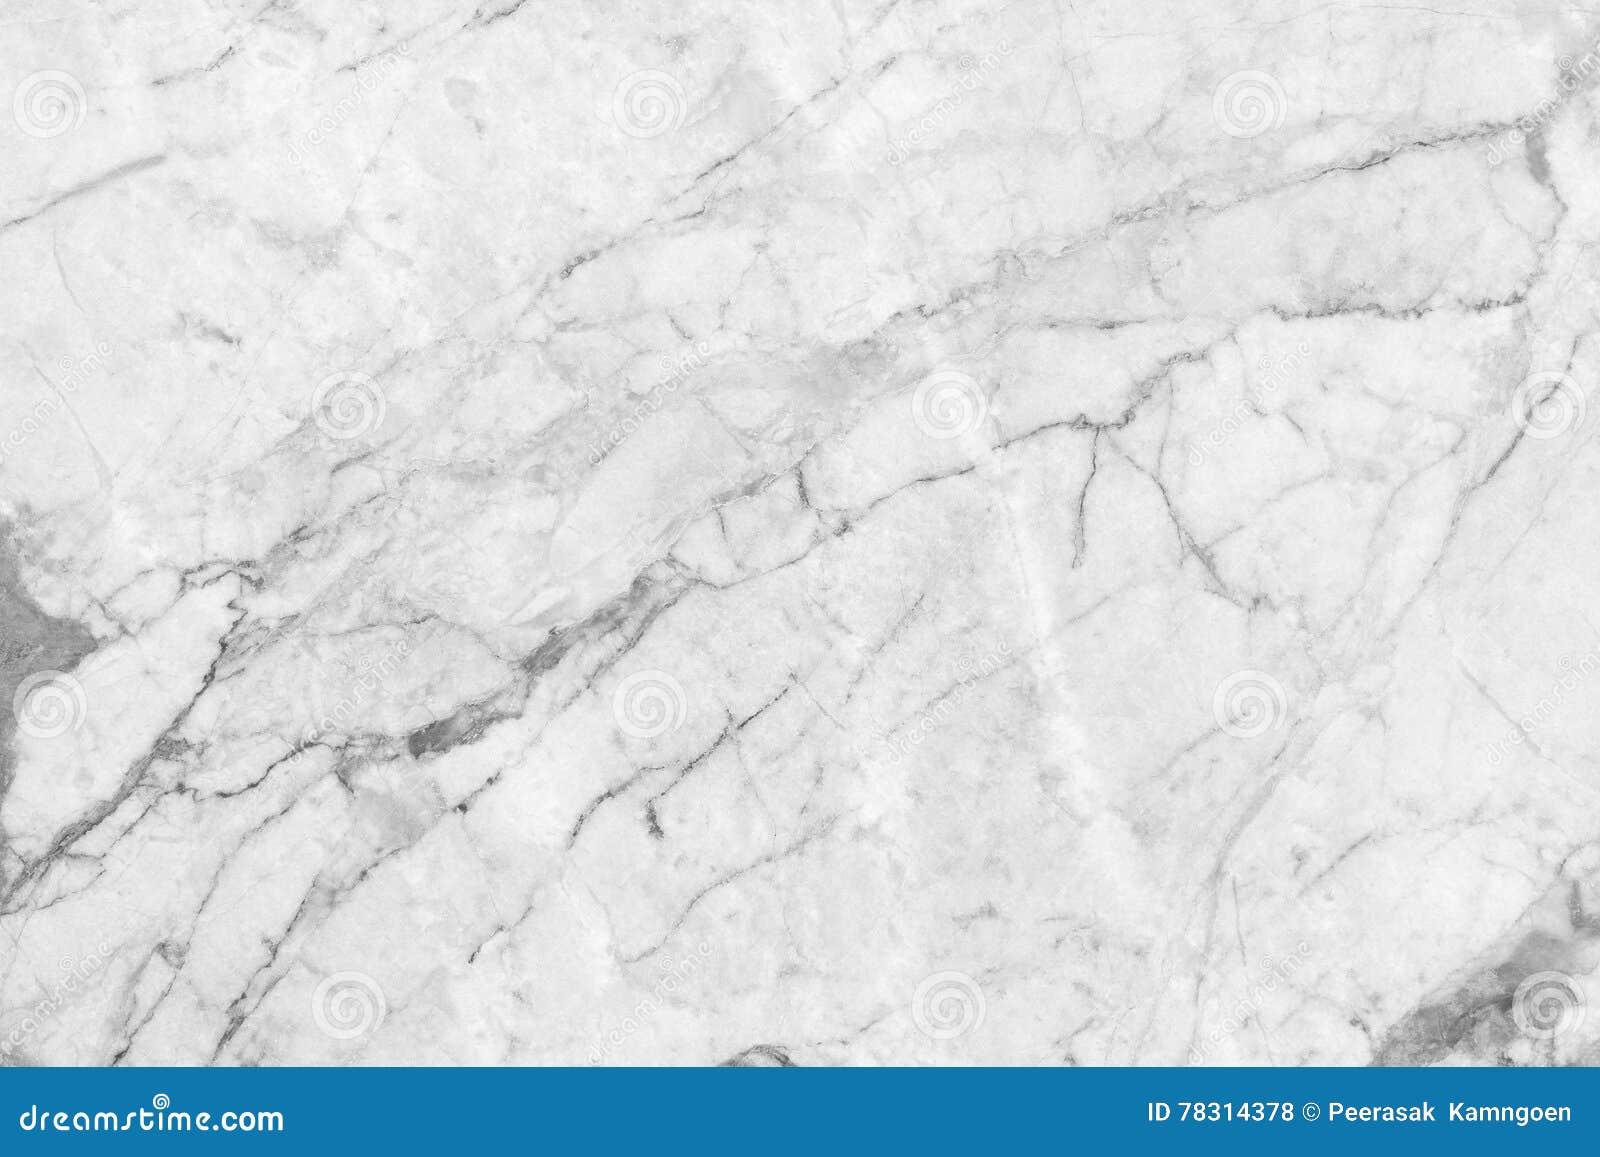 Piedra decorativa interior cuadro piedra buda perfil - Piedra decorativa interior ...